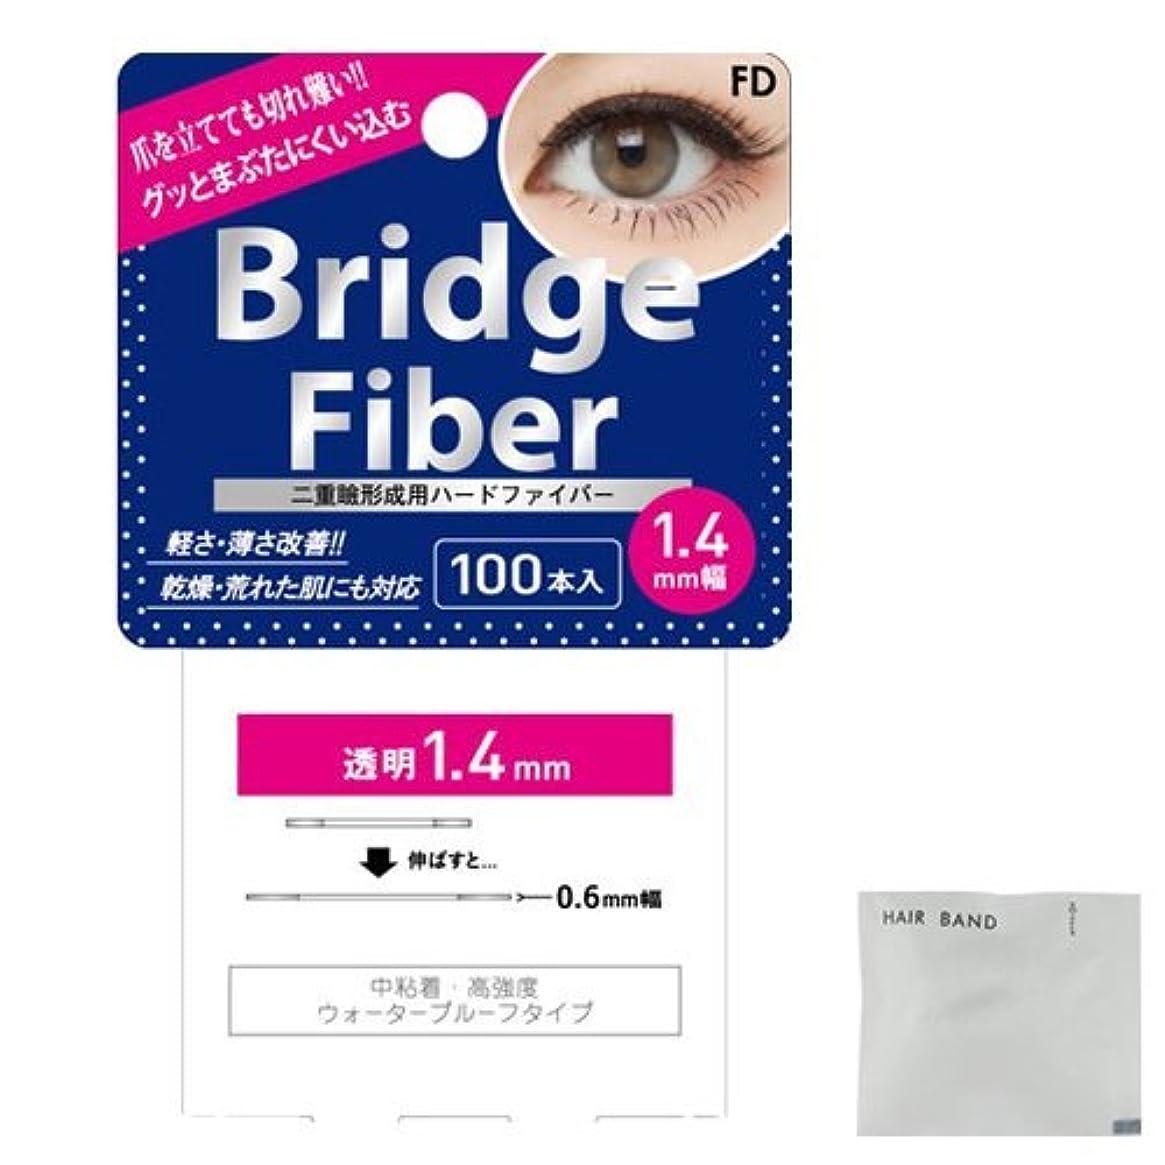 める眉老朽化したFD ブリッジファイバーⅡ (Bridge Fiber) クリア1.4mm + ヘアゴム(カラーはおまかせ)セット